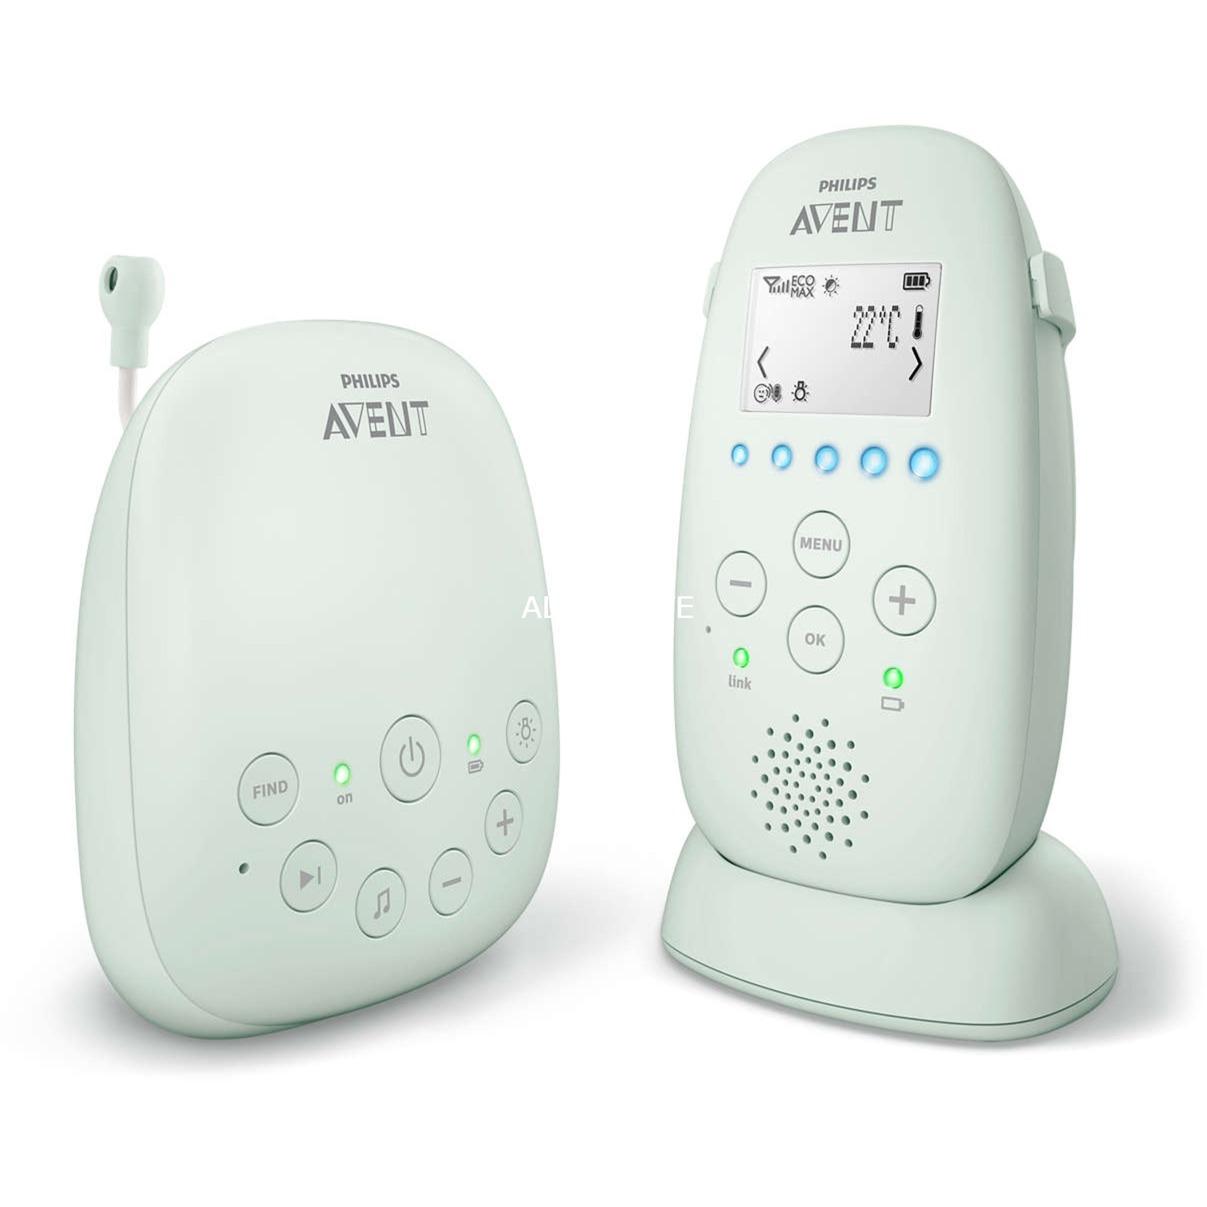 SCD721/26 video-monitor para bebés, Vigilabebés